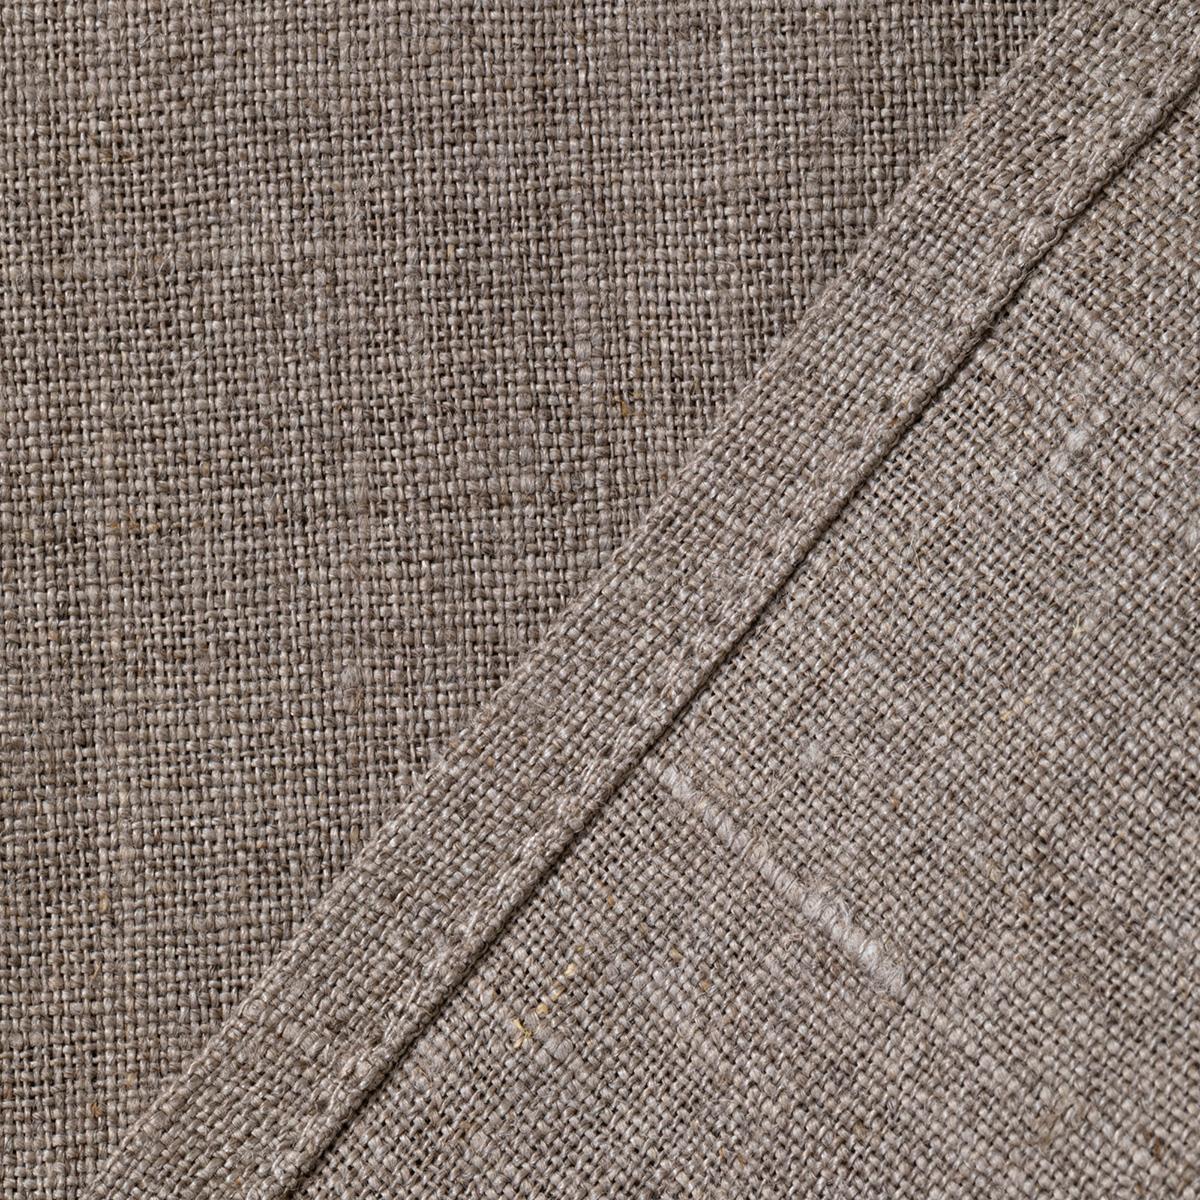 フラットシーツ スタンダード シングル 和布団用 ナチュラル 144×250cm